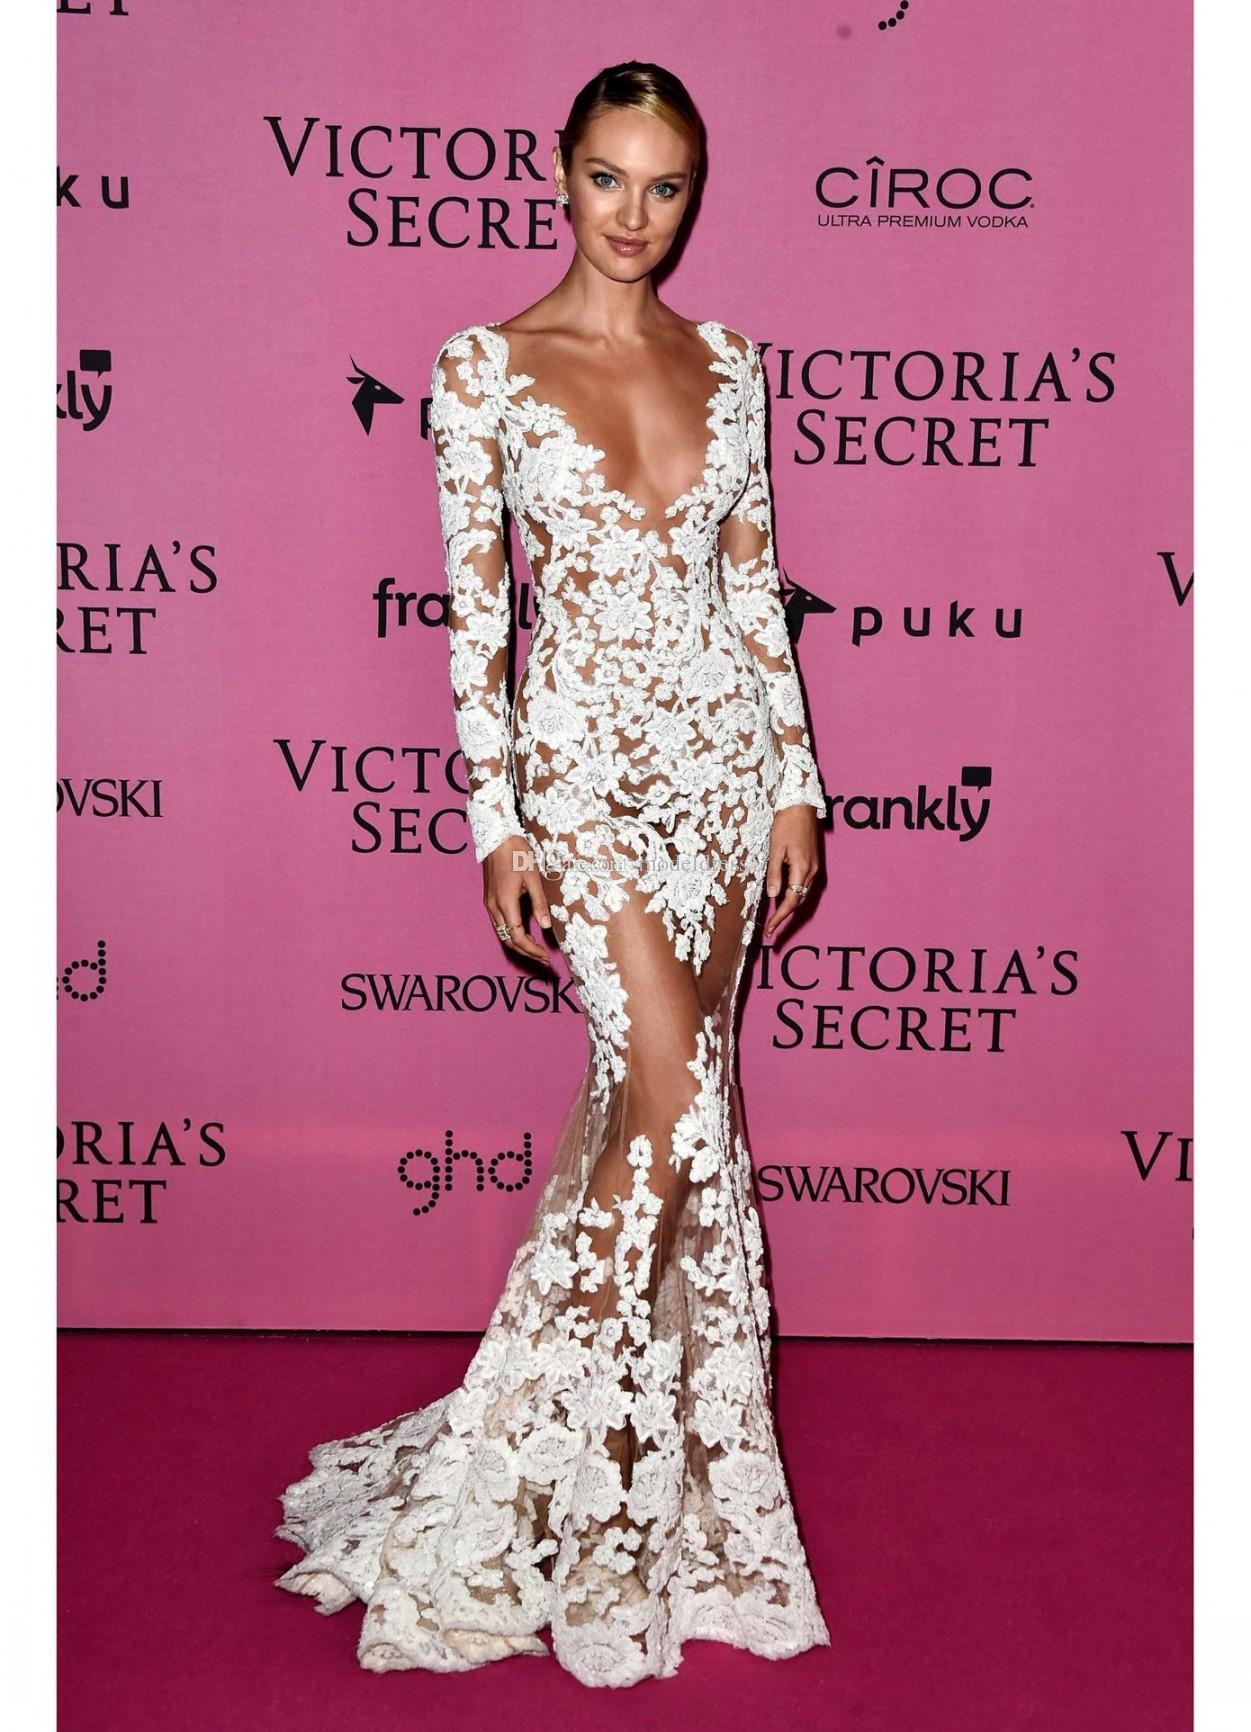 Zuhair Murad 2018 Sheer Lace Abendkleider mit langen Ärmeln V-Ausschnitt Applikationen lange CANDICE SWANEPOEL Trägt Illusion Prom Celebrity Party Kleider